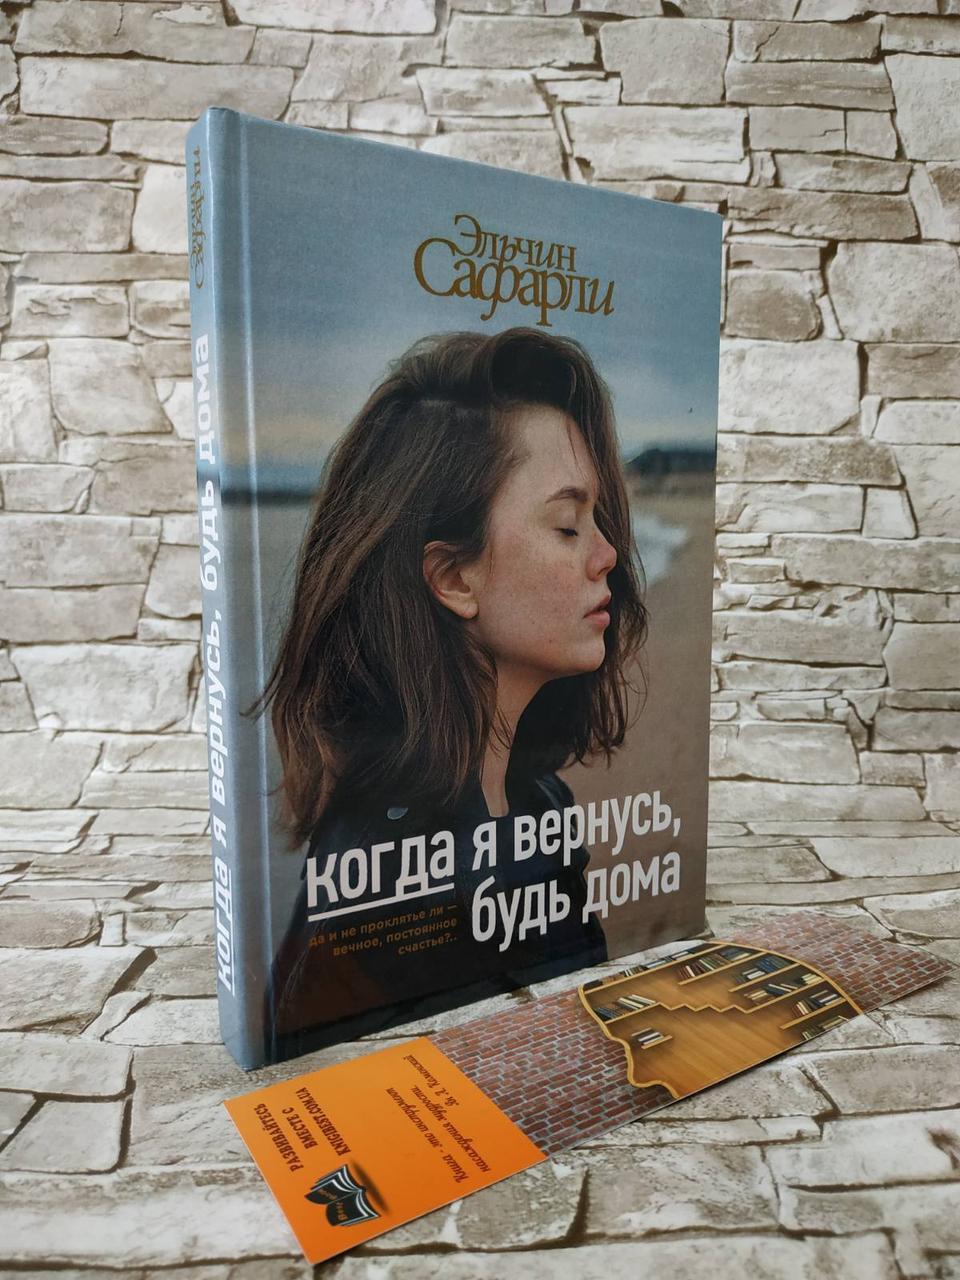 """Книга  """"Когда я вернусь, будь дома"""" твердый переплет Эльчин Сафарли"""